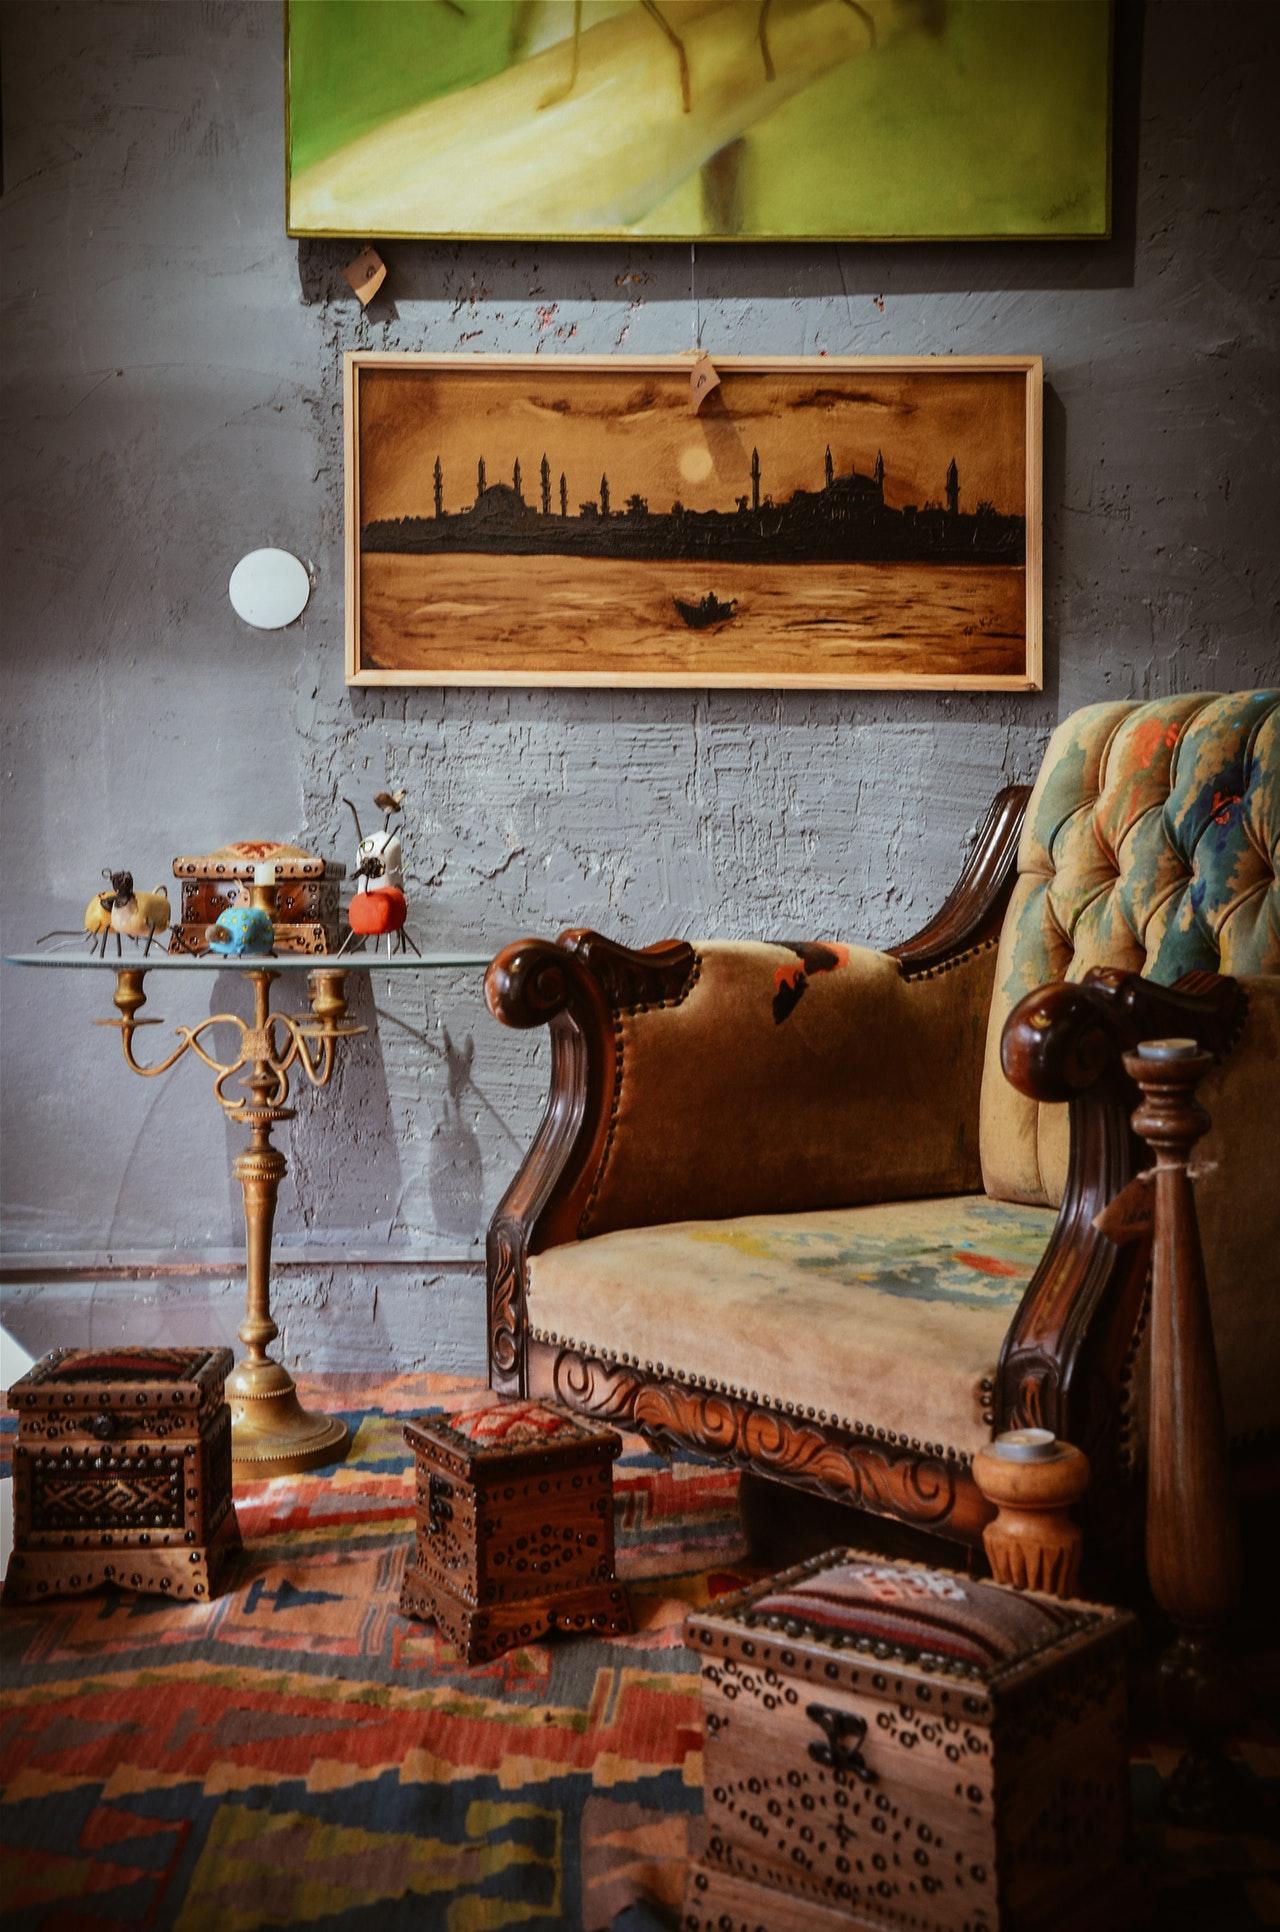 antique-architecture-art-2332913